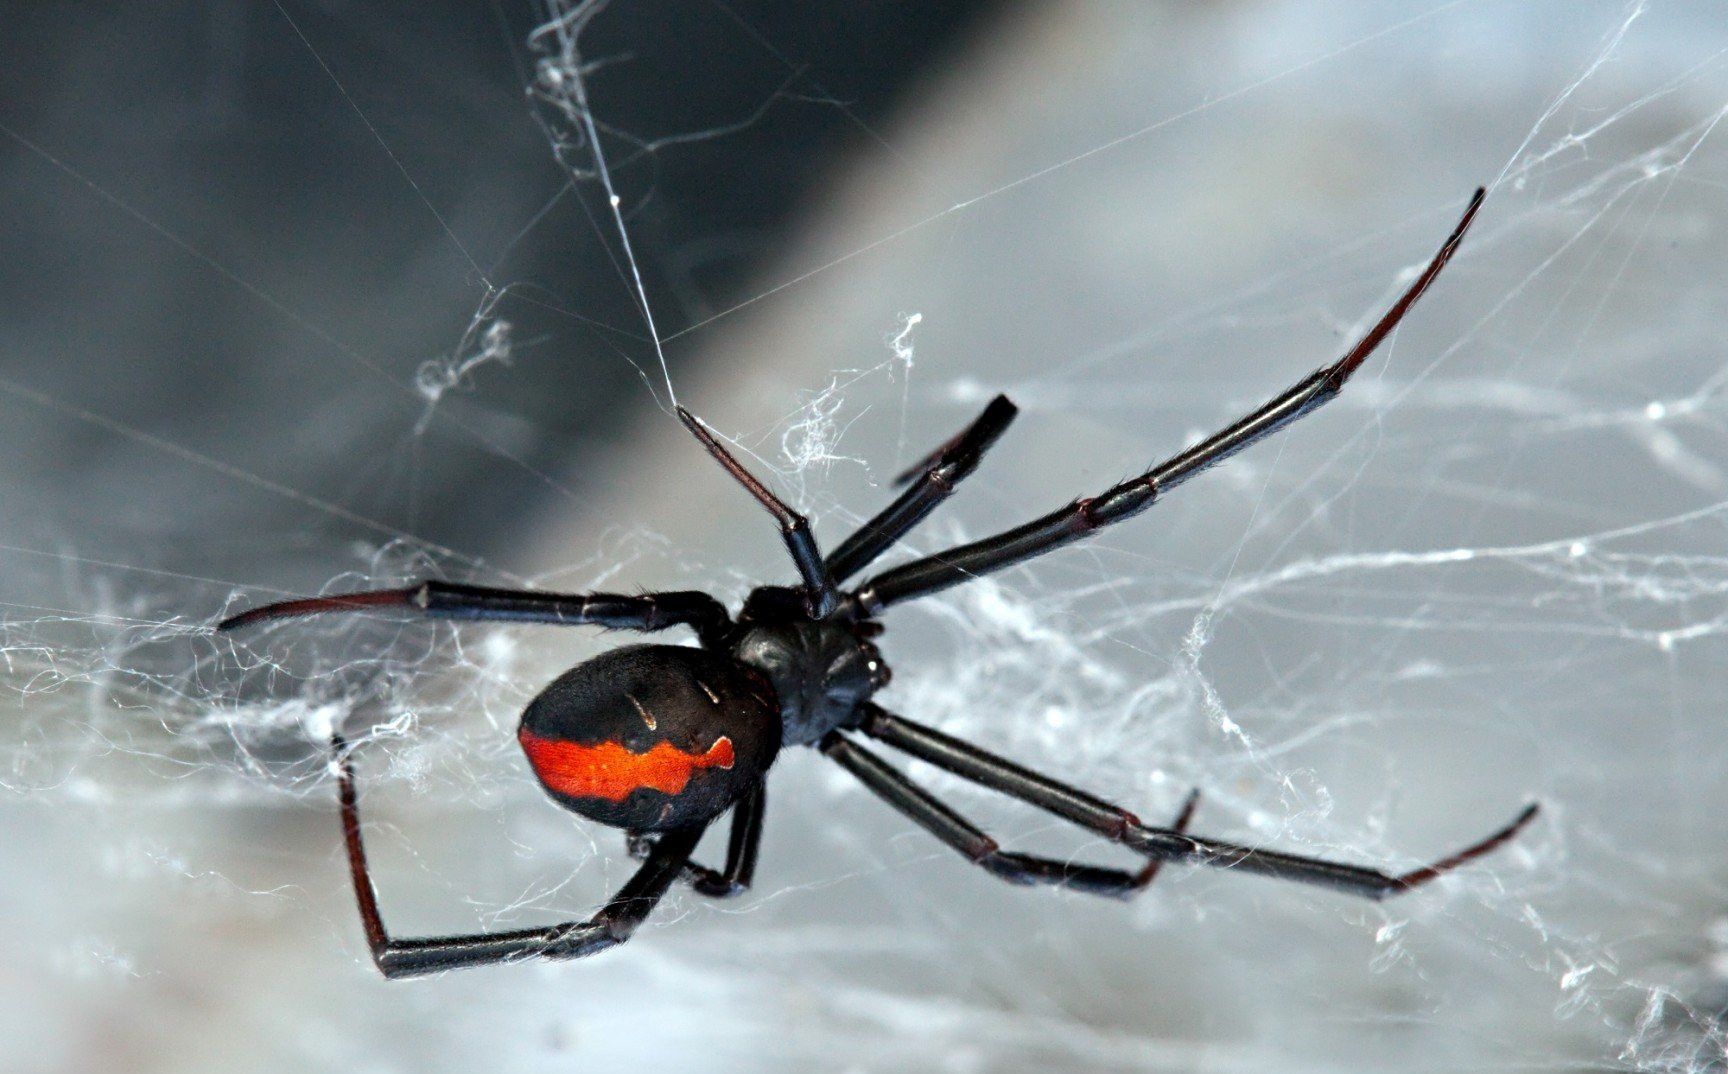 8. Самка черной вдовы имеет в своем распоряжении суперконцентрированный яд воздействующий на нервную систему жертвы. Яд вызывает сильную боль и может быть смертельным.